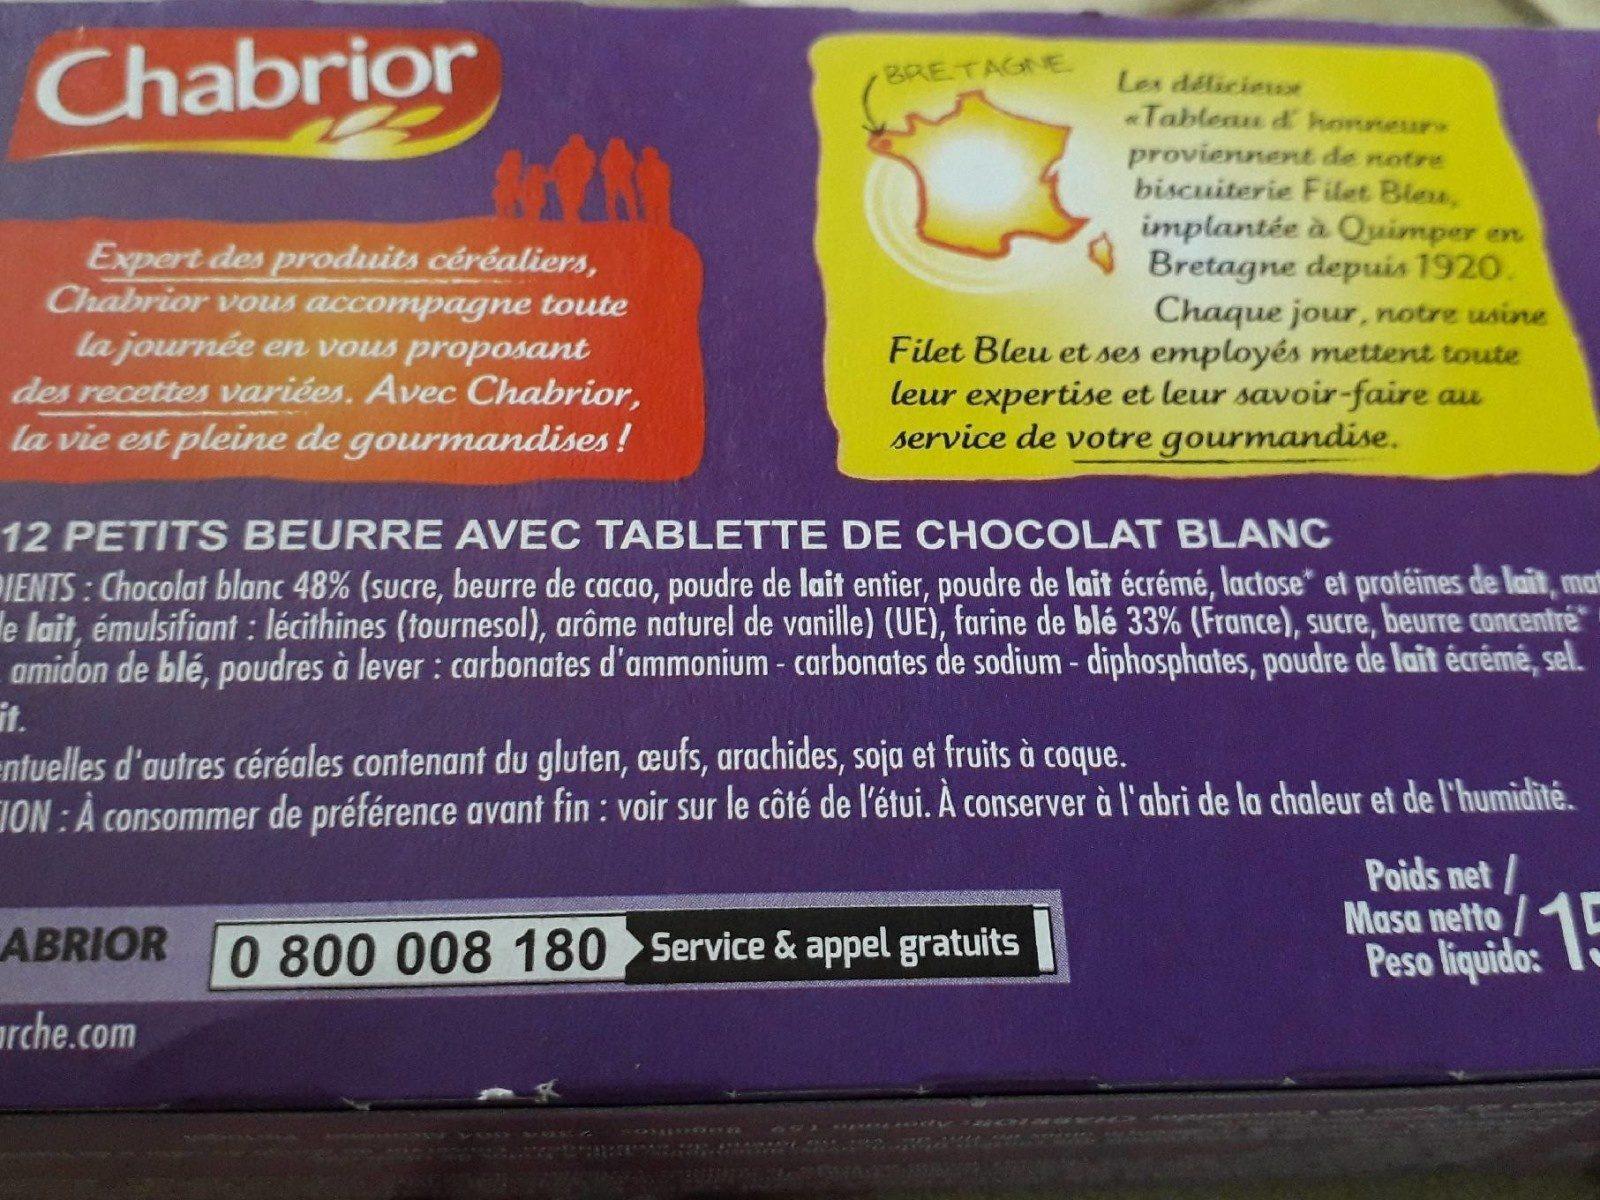 Tableau d'honneur Chocolat Blanc - Ingrédients - fr